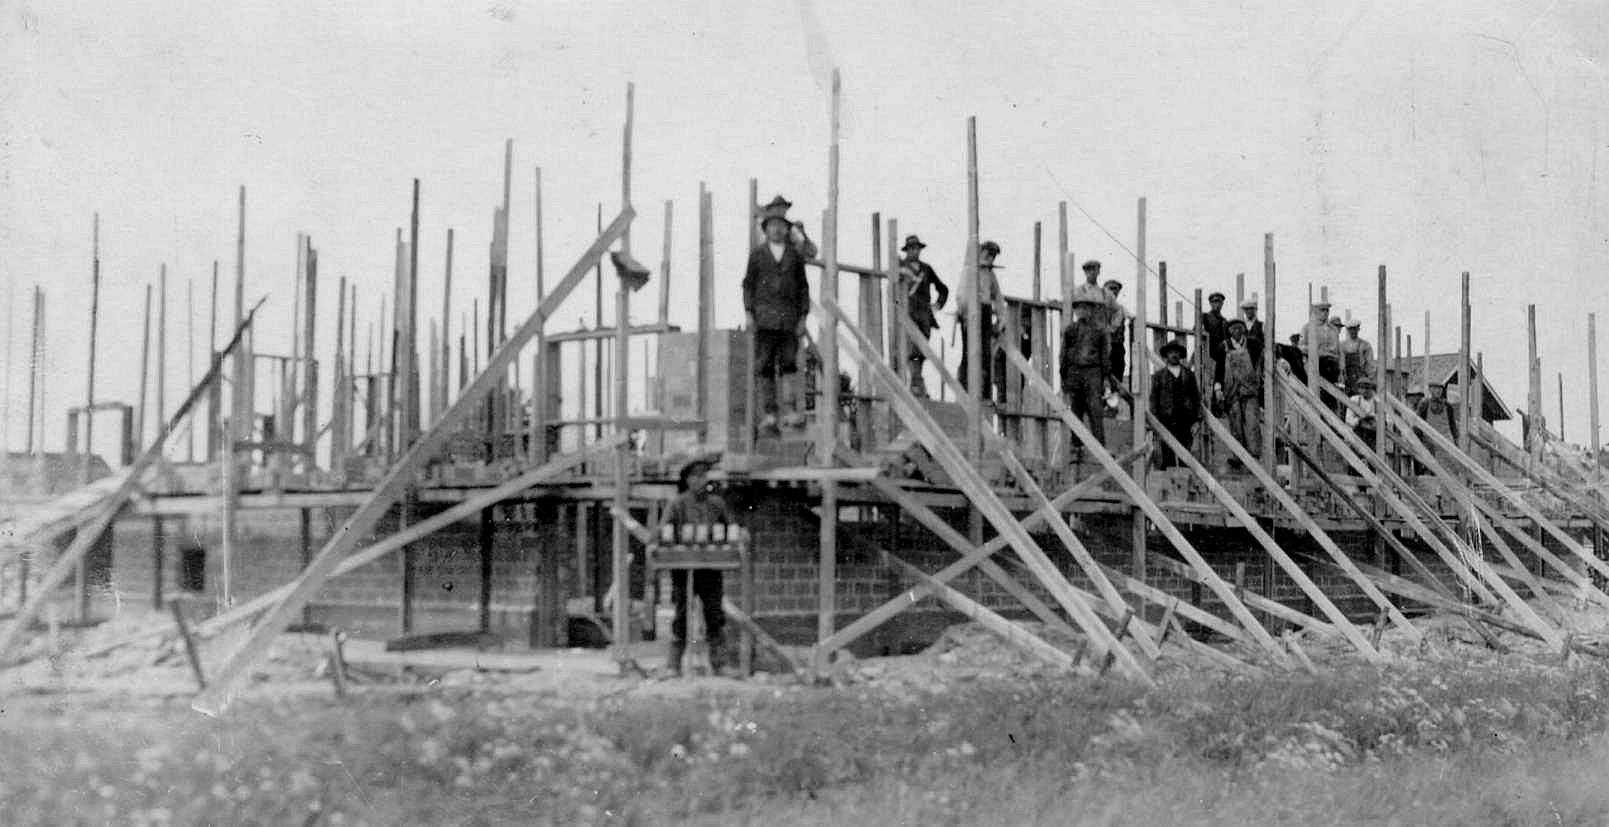 Det finns mycket litet dokumenterat från byggnadstiden men här vi att bygget framskridit så pass att byggnadsställningar har rests.